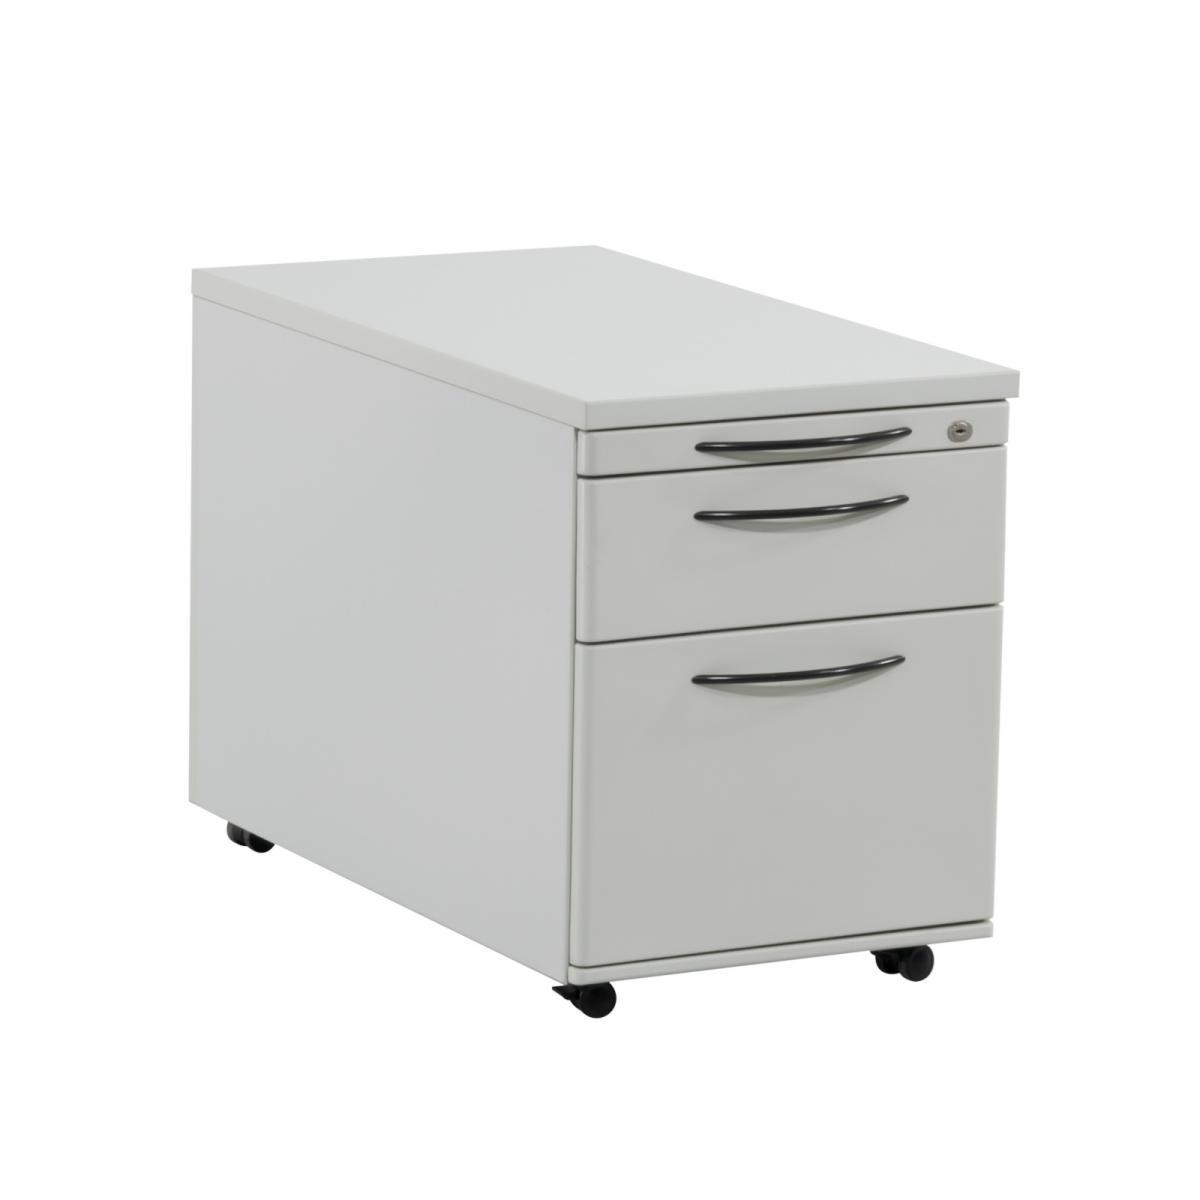 Höhenverstellbarer Schreibtisch Gebraucht 2021